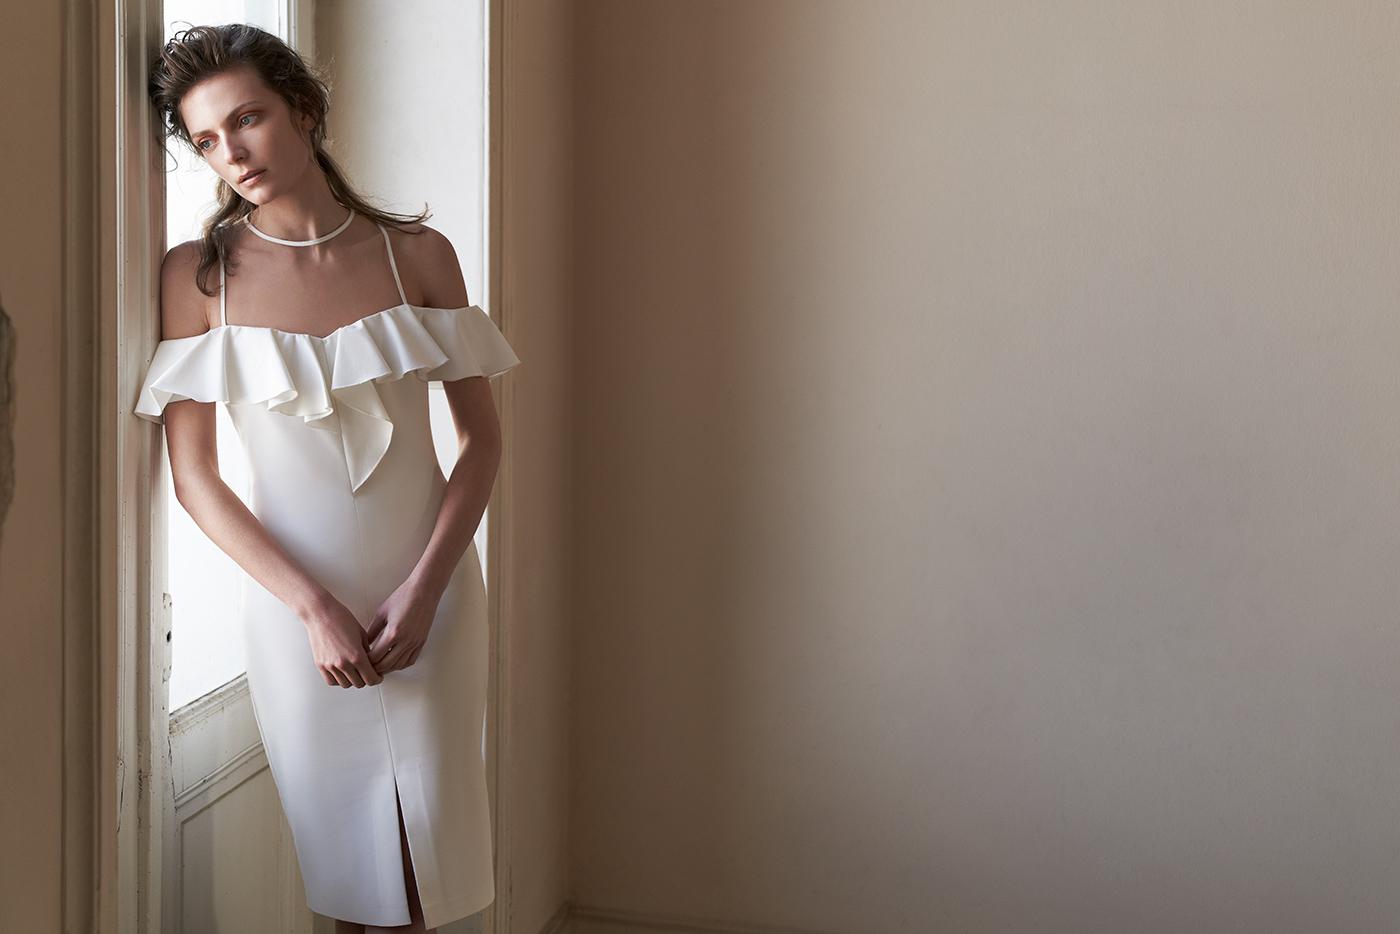 Φορεμα κοκτειλ στυλατο κρεπ με διαφανεια και μανικι βολαν